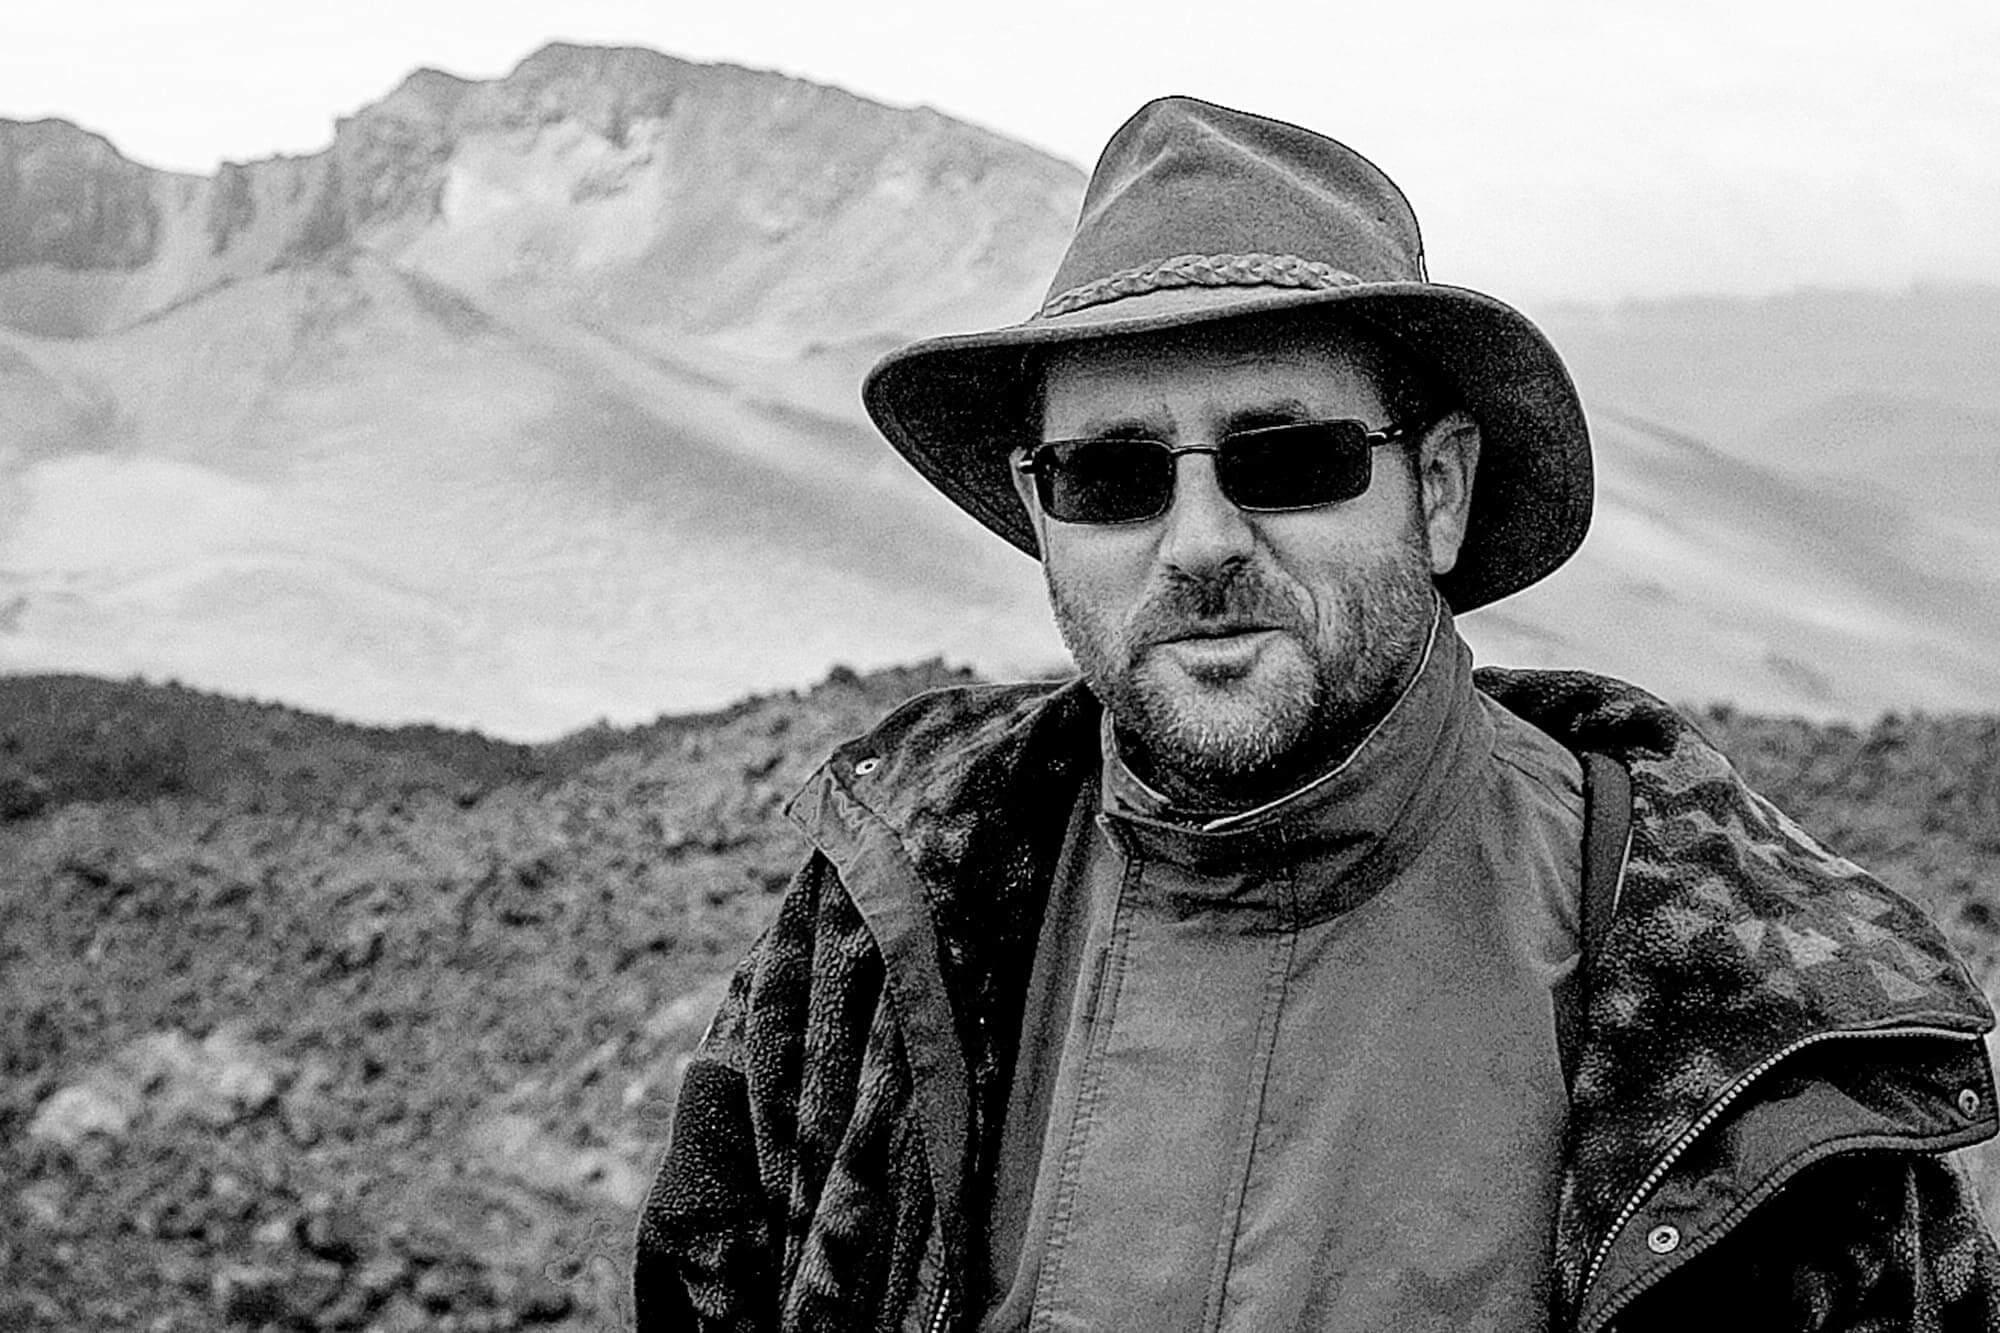 Miquel Serra responsable del Observatorio del Teide